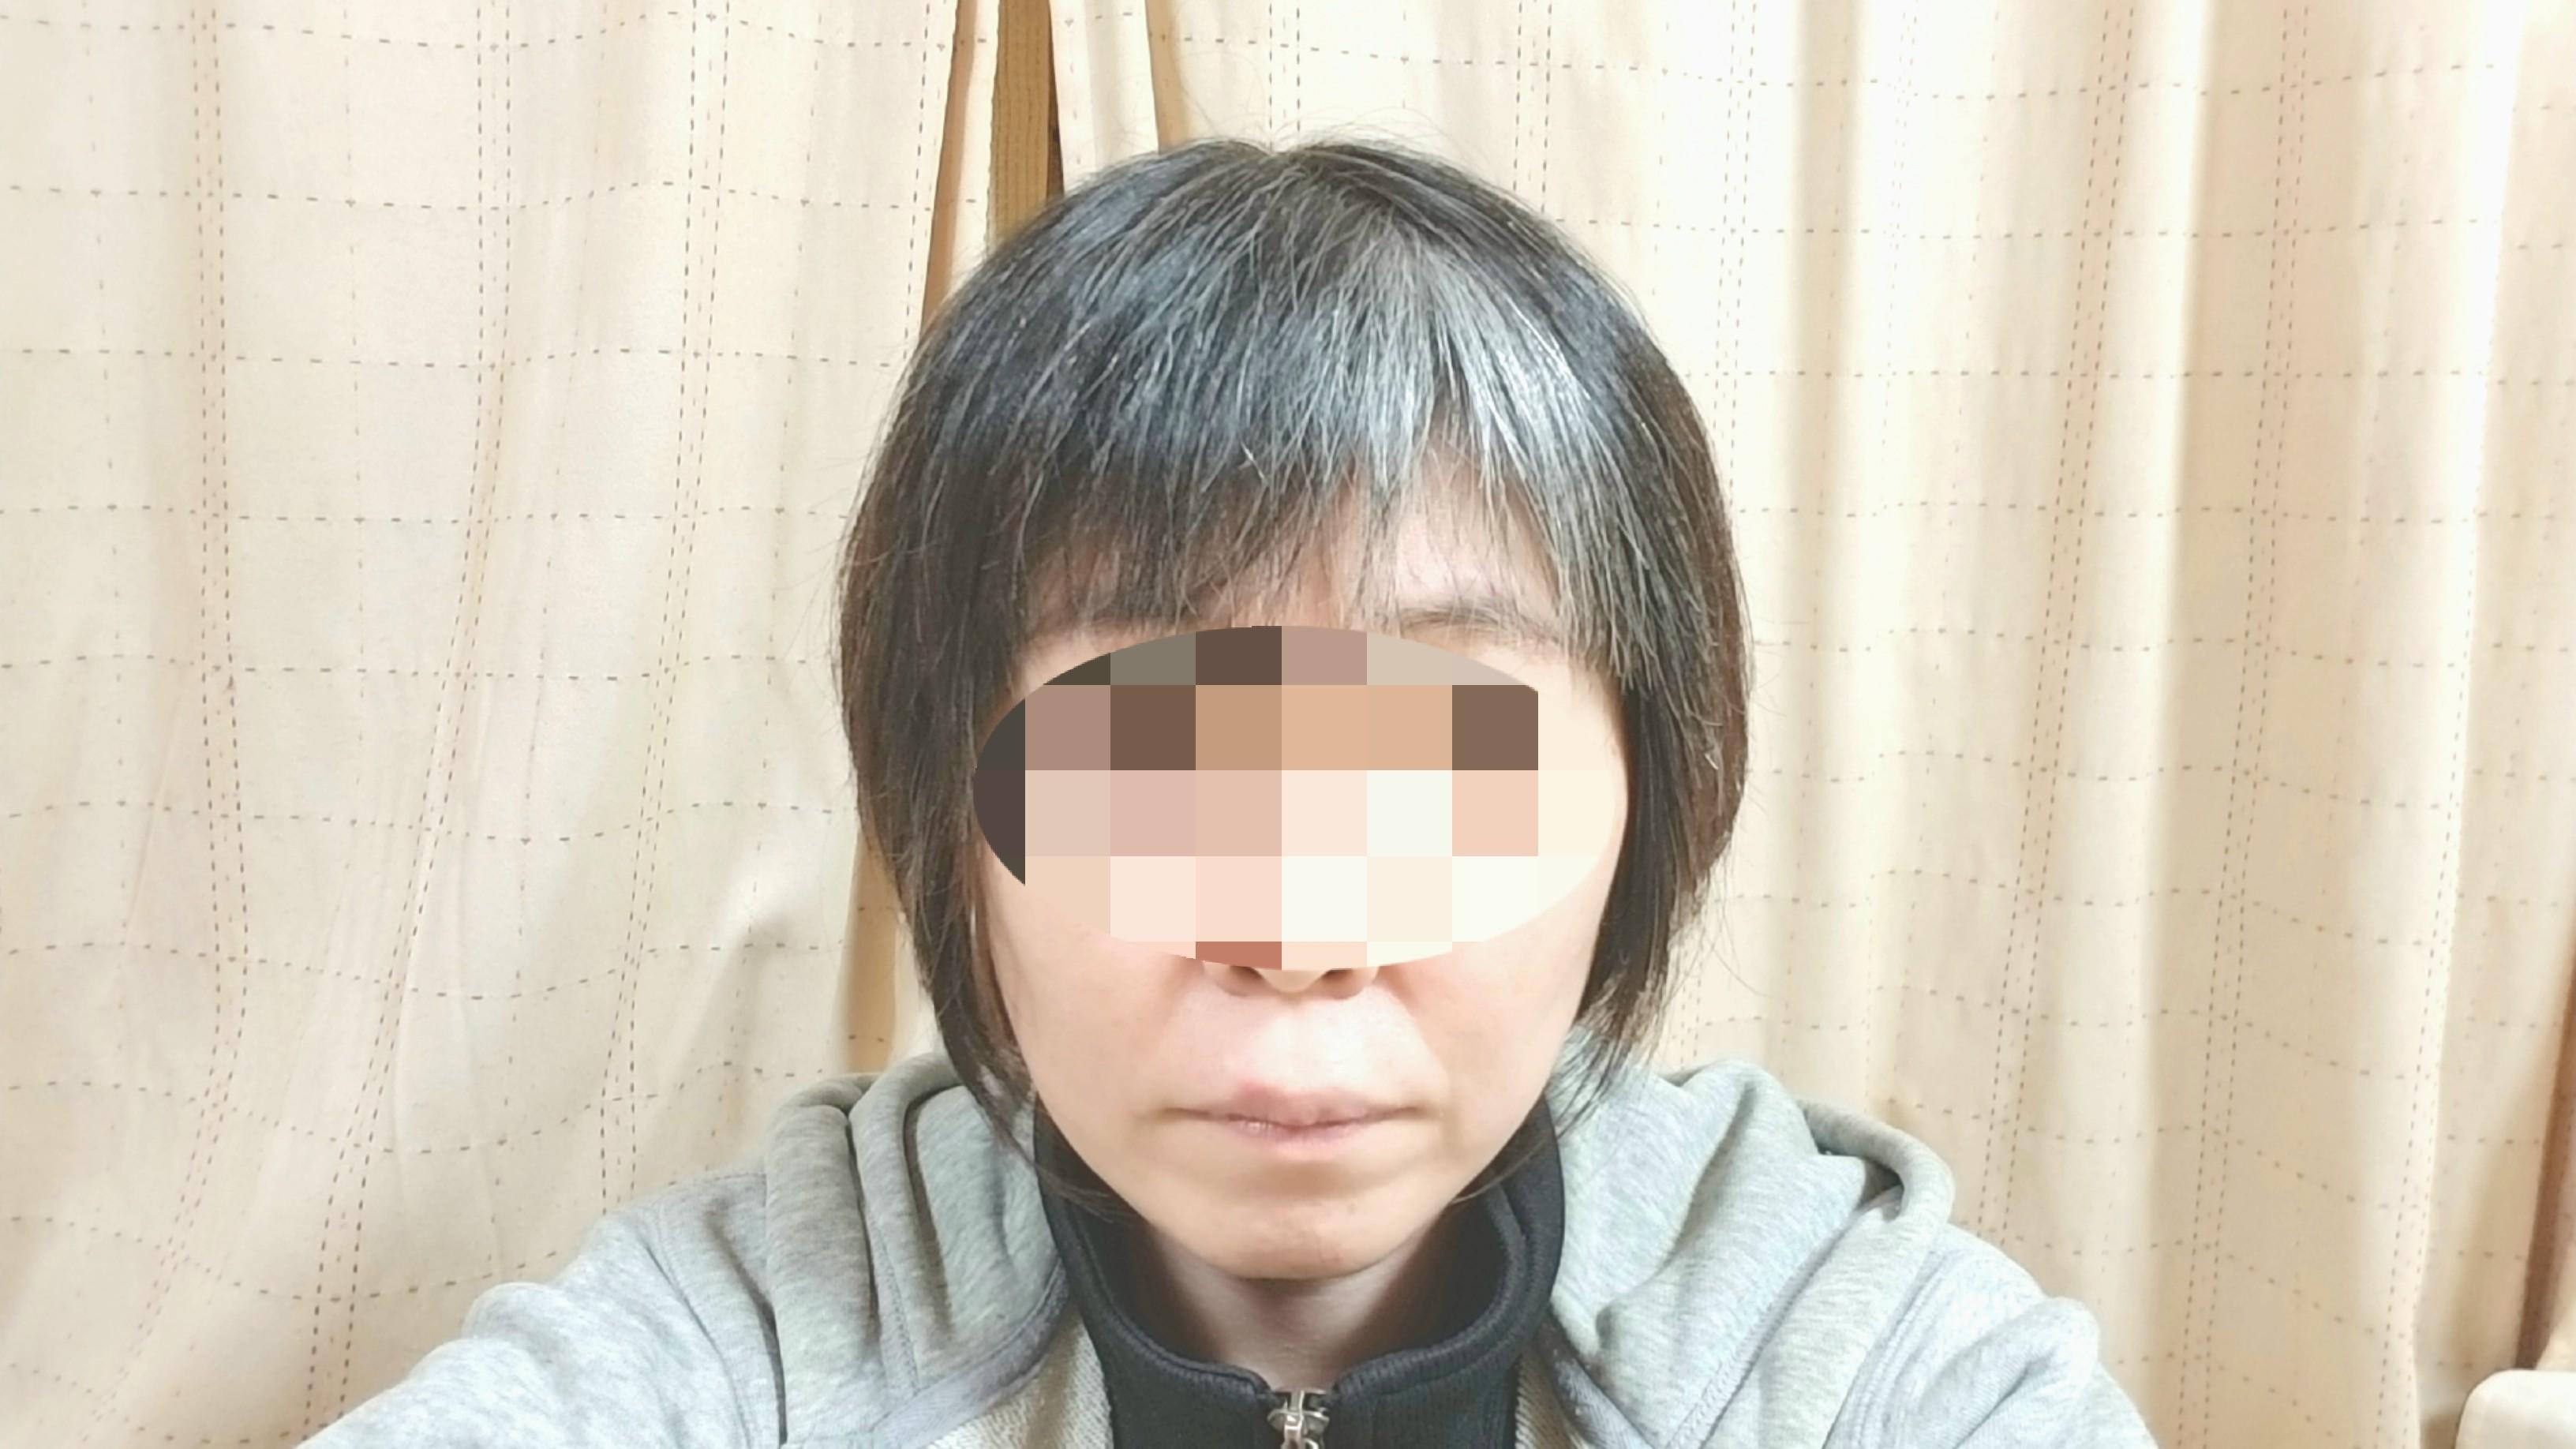 線維筋痛症,頚椎症後弯症の痛み,ずっと痛い,人気,散髪,髪を切った